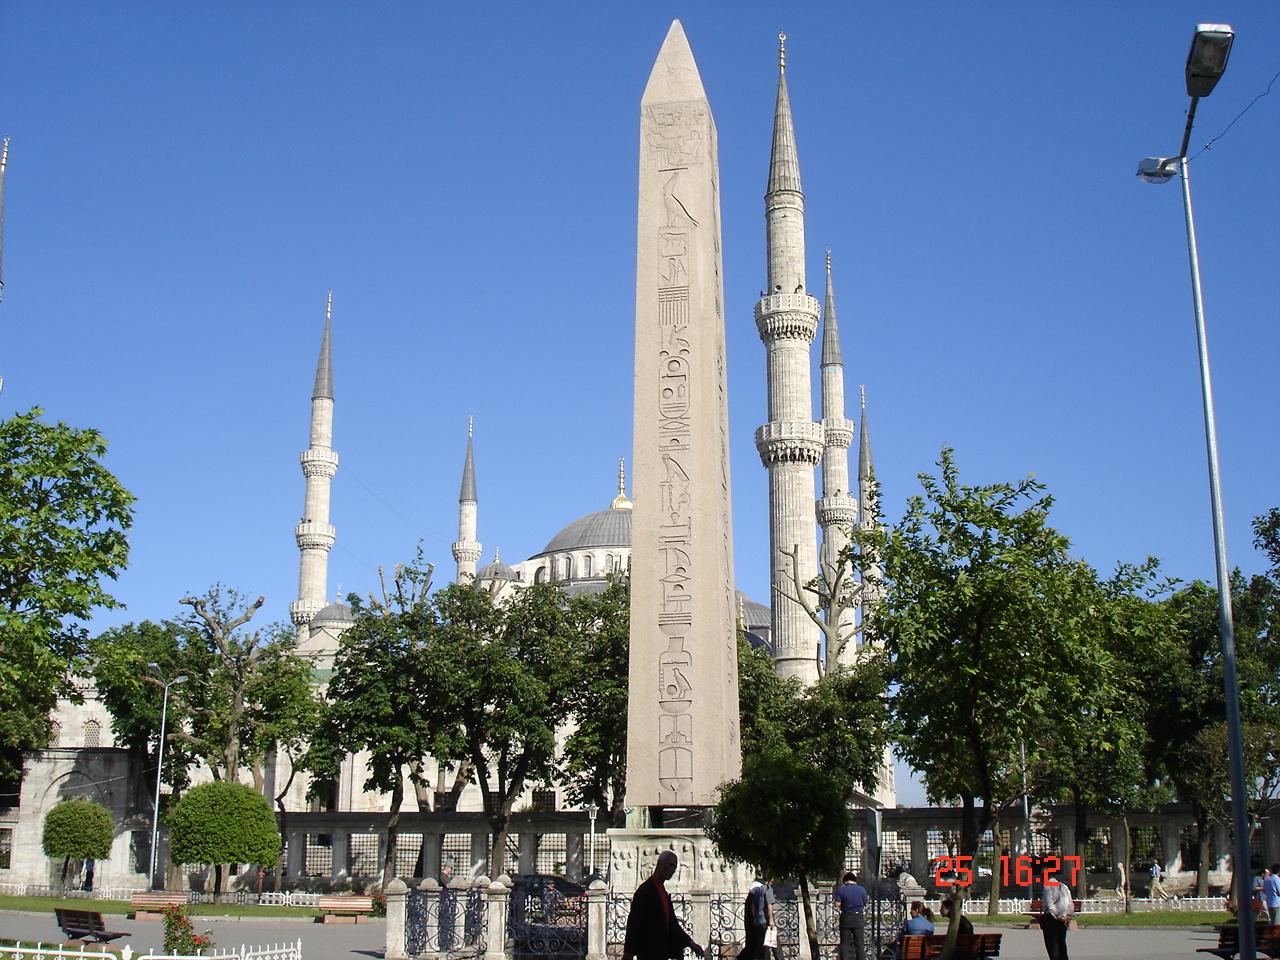 http://upload.wikimedia.org/wikipedia/commons/d/db/DSC04110c_Istanbul_-_Ippodromo_-_Obelisco_e_minareti_-_Foto_G._Dall%27Orto_25-5-2006.jpg